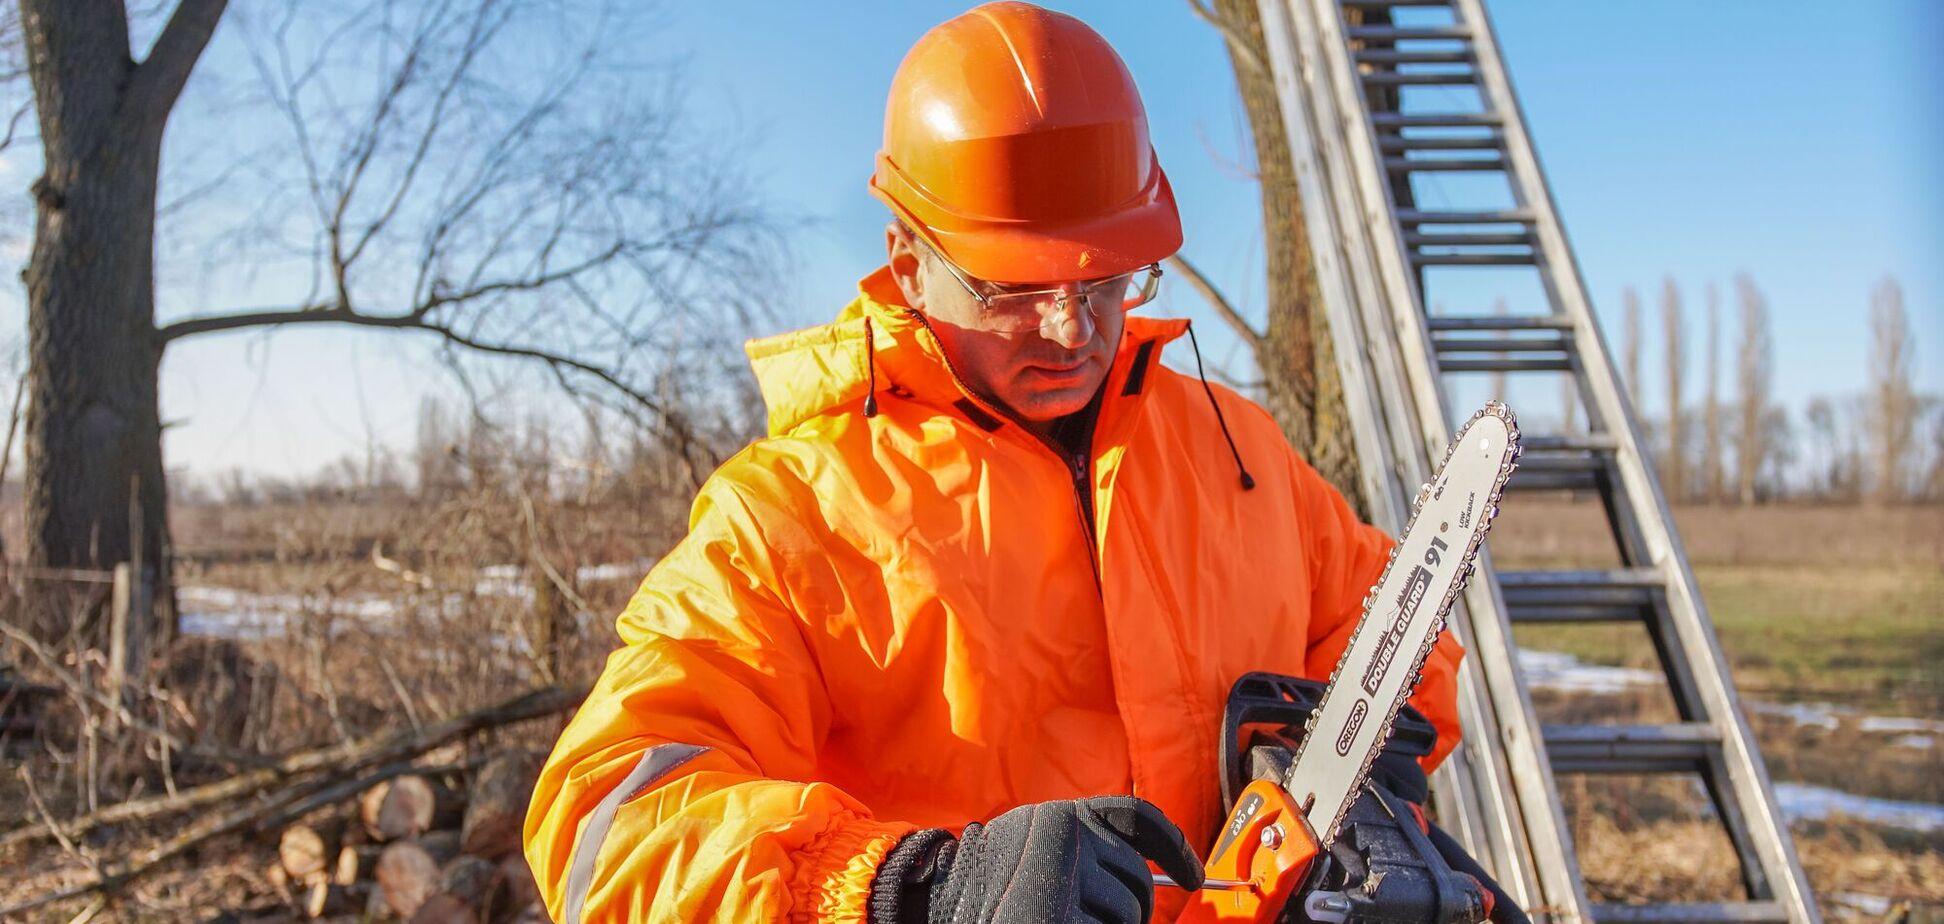 Весенние работы на даче: эксперты дали советы, какую технику выбрать